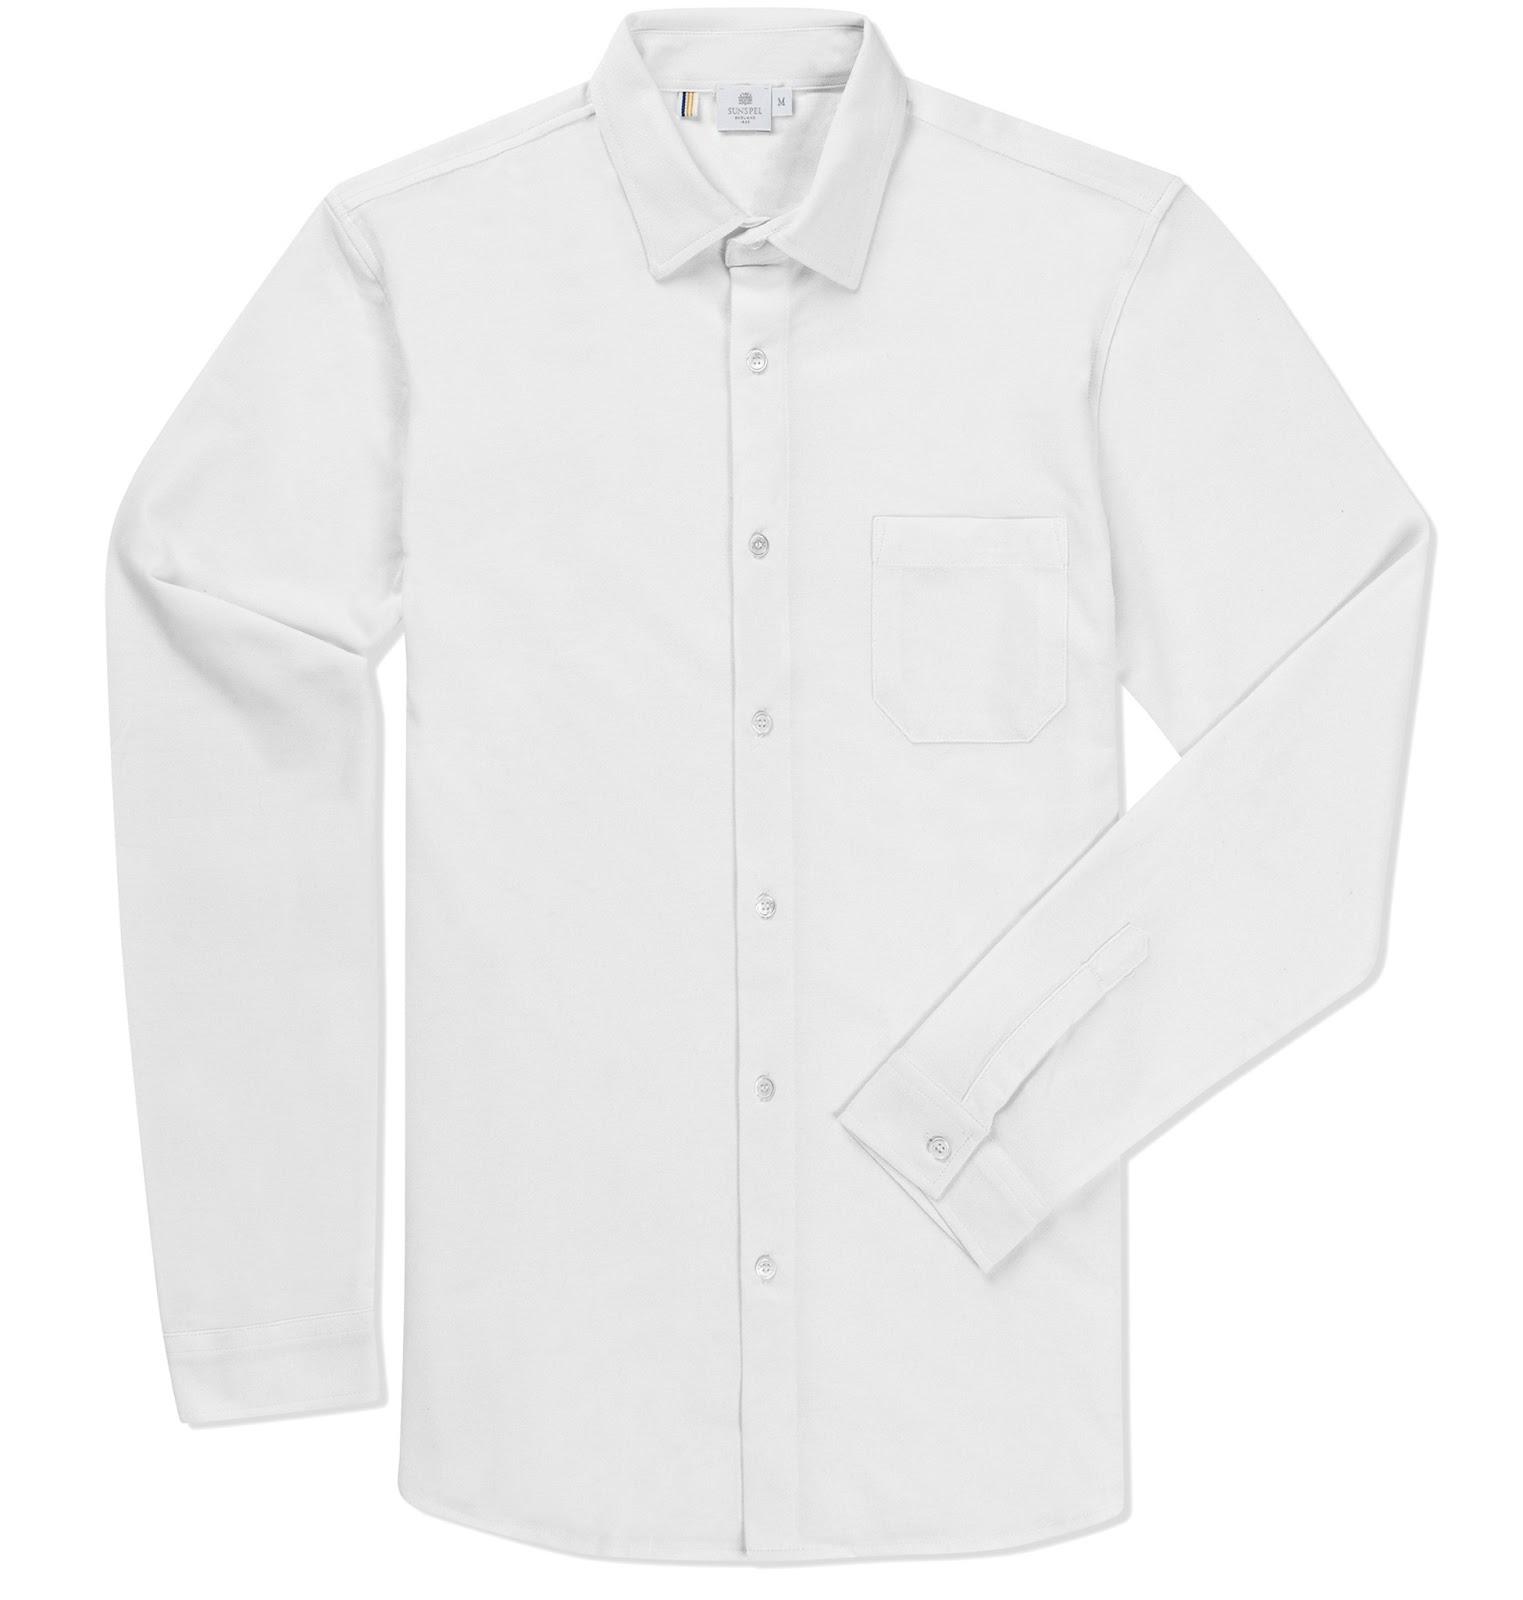 Shirt | Artee Shirt - Part 706